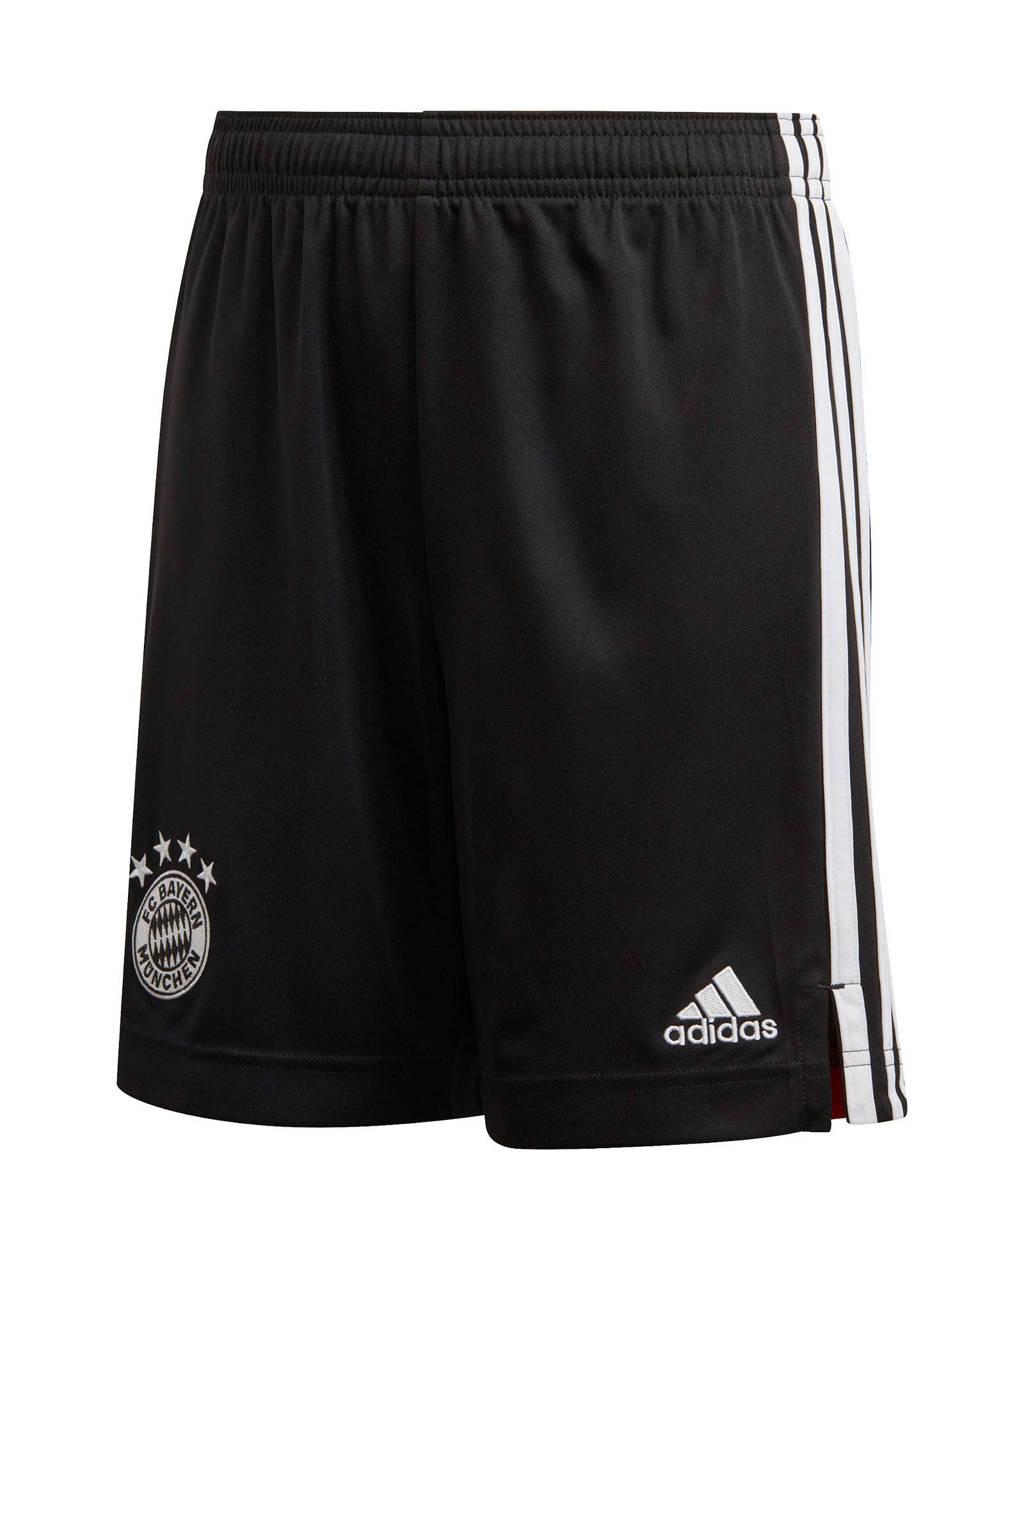 adidas Performance Junior FC Bayern München derde short zwart, Zwart